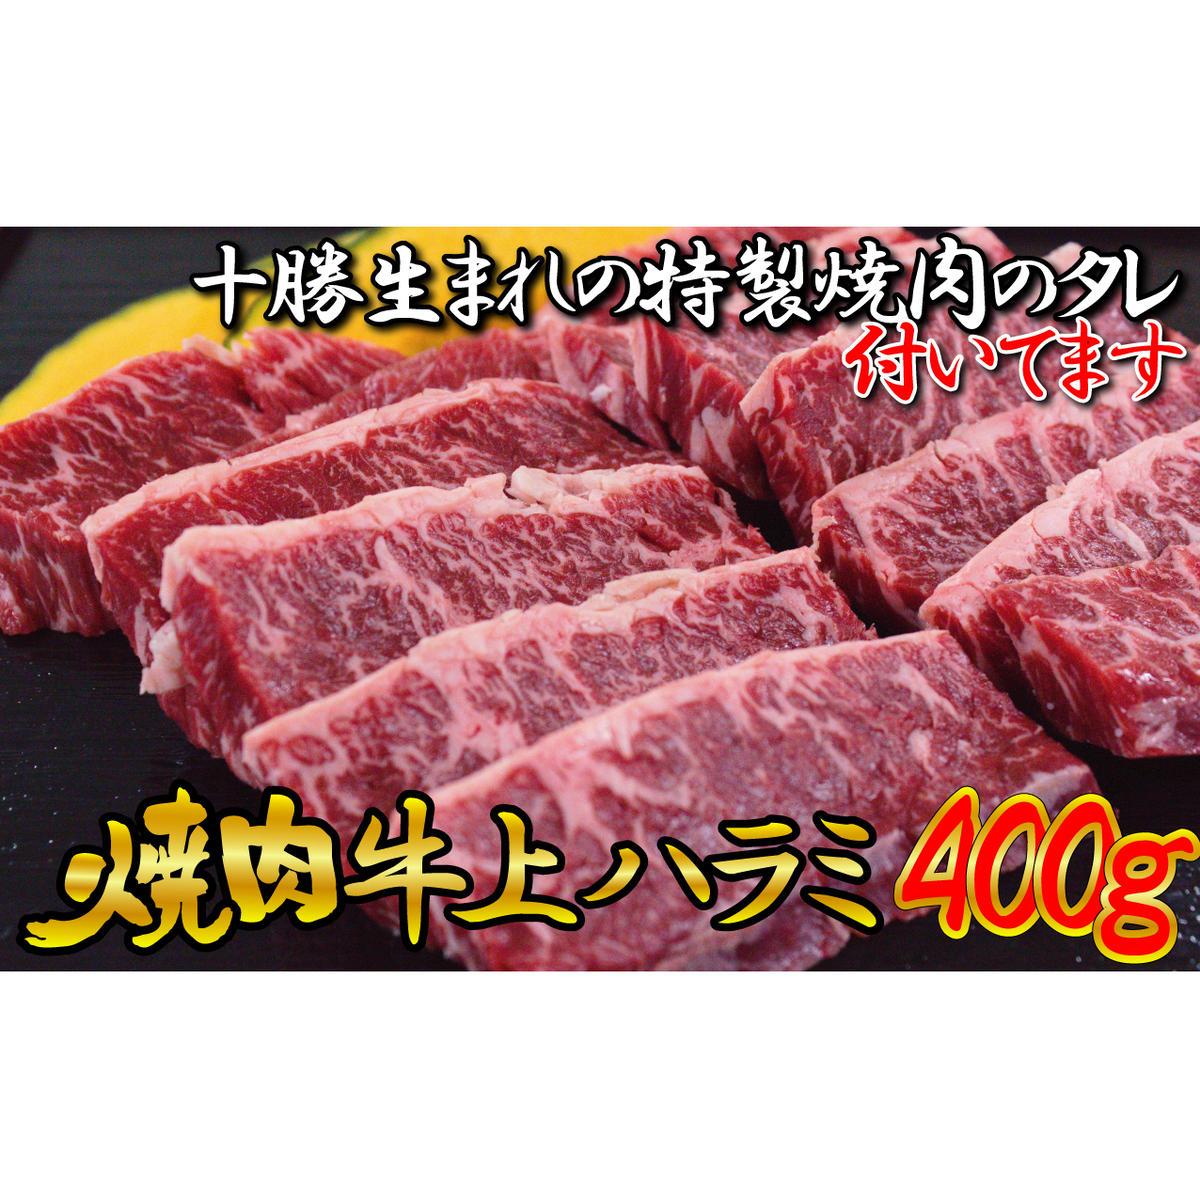 北海道幕別町 ふるさと納税 牛上ハラミ サガリ 400g タレ付き焼肉セット 待望 調味料 焼肉 たれ WEB限定 お届け:2~3ヶ月お時間がかかる場合があります 牛肉 お肉